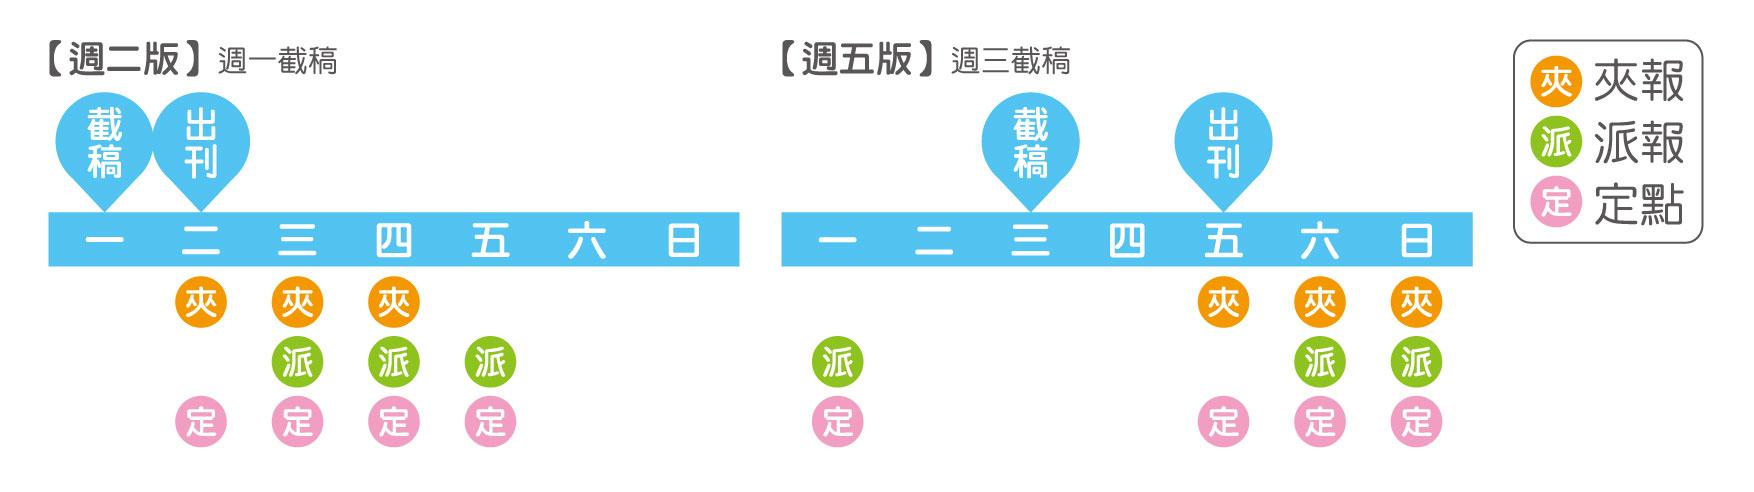 快訊出版圖示-01.jpg